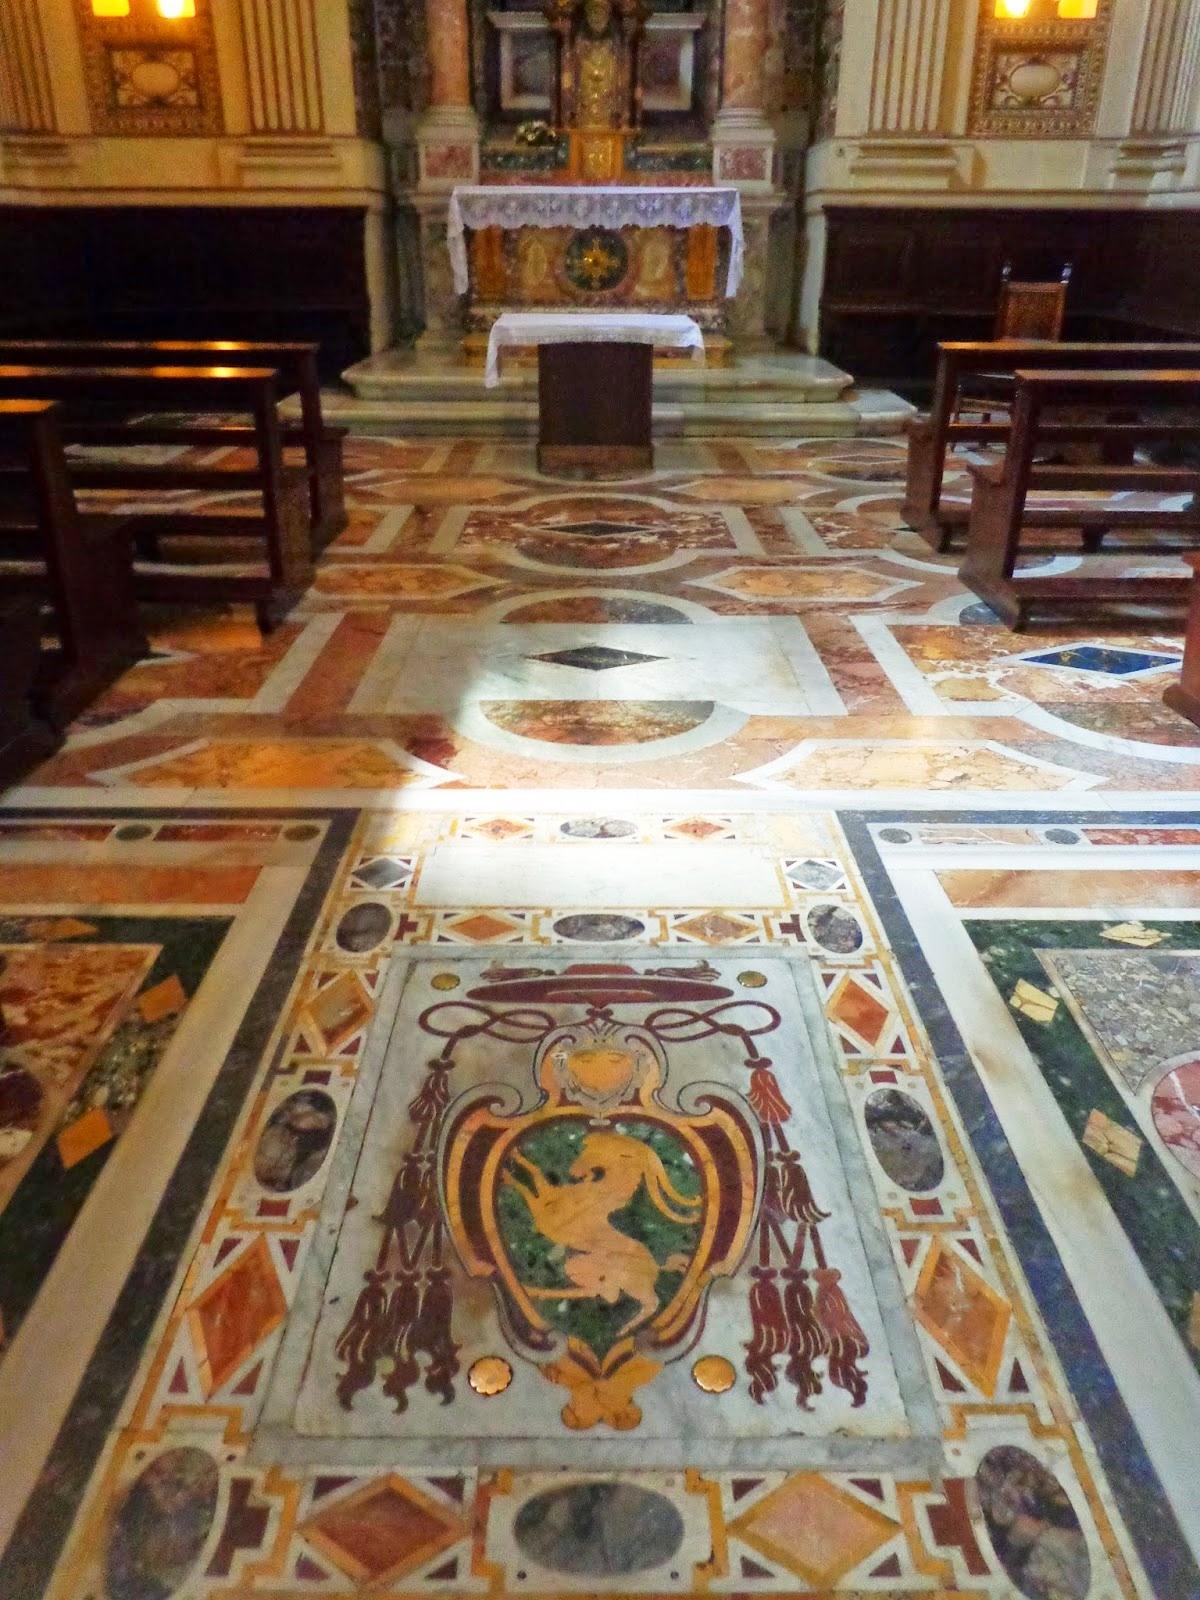 Túmulo do Cardeal Pietro Stefaneschi, que morreu em 1417, obra de um escultor desconhecido chamado Paolo.